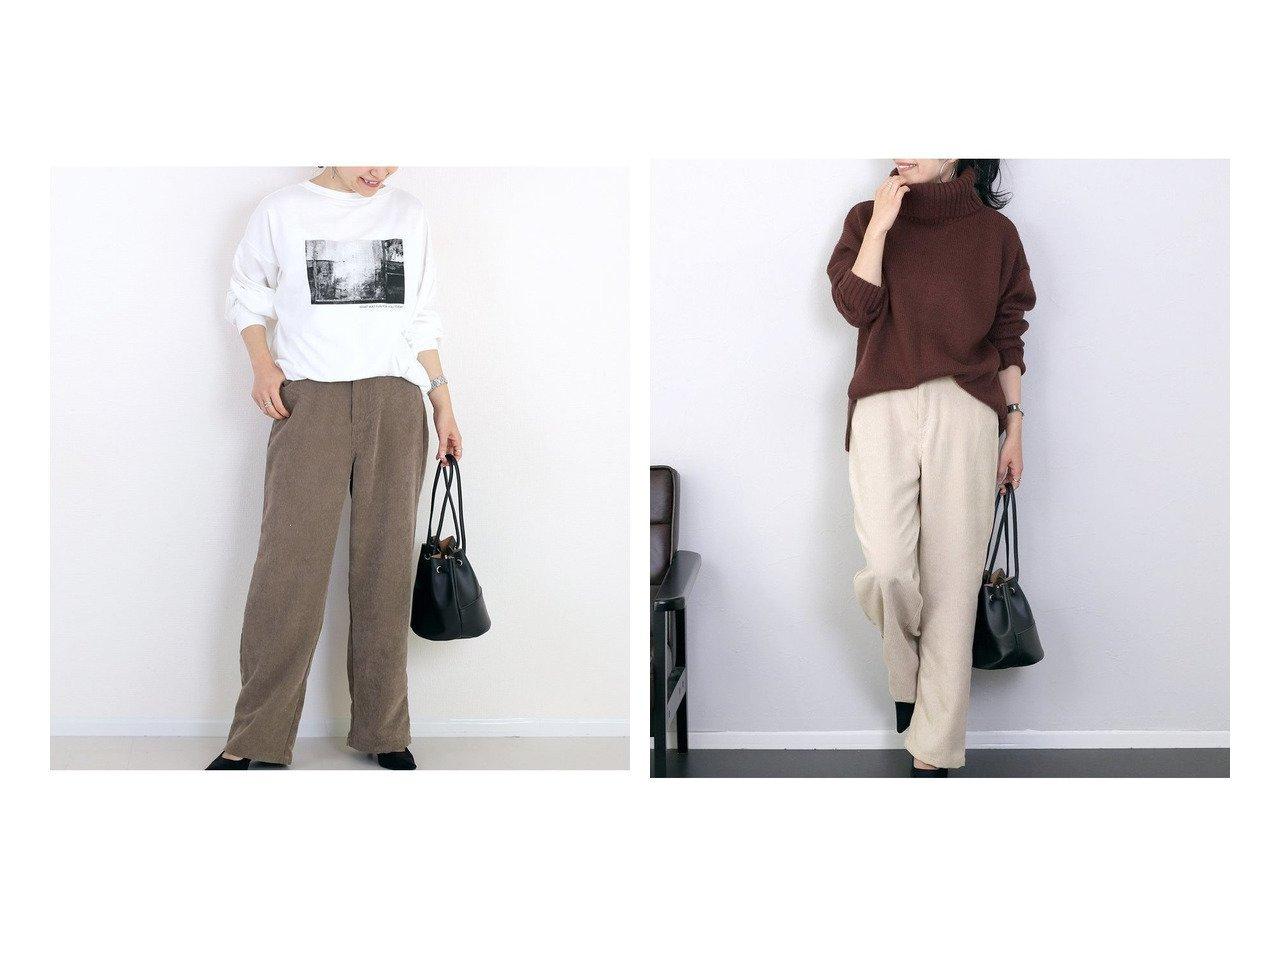 【Aletta Vita/アレッタ】のエステルコールセミワイドパンツ パンツのおすすめ!人気、トレンド・レディースファッションの通販  おすすめで人気の流行・トレンド、ファッションの通販商品 メンズファッション・キッズファッション・インテリア・家具・レディースファッション・服の通販 founy(ファニー) https://founy.com/ ファッション Fashion レディースファッション WOMEN パンツ Pants コーデュロイ ストライプ リラックス |ID:crp329100000018881